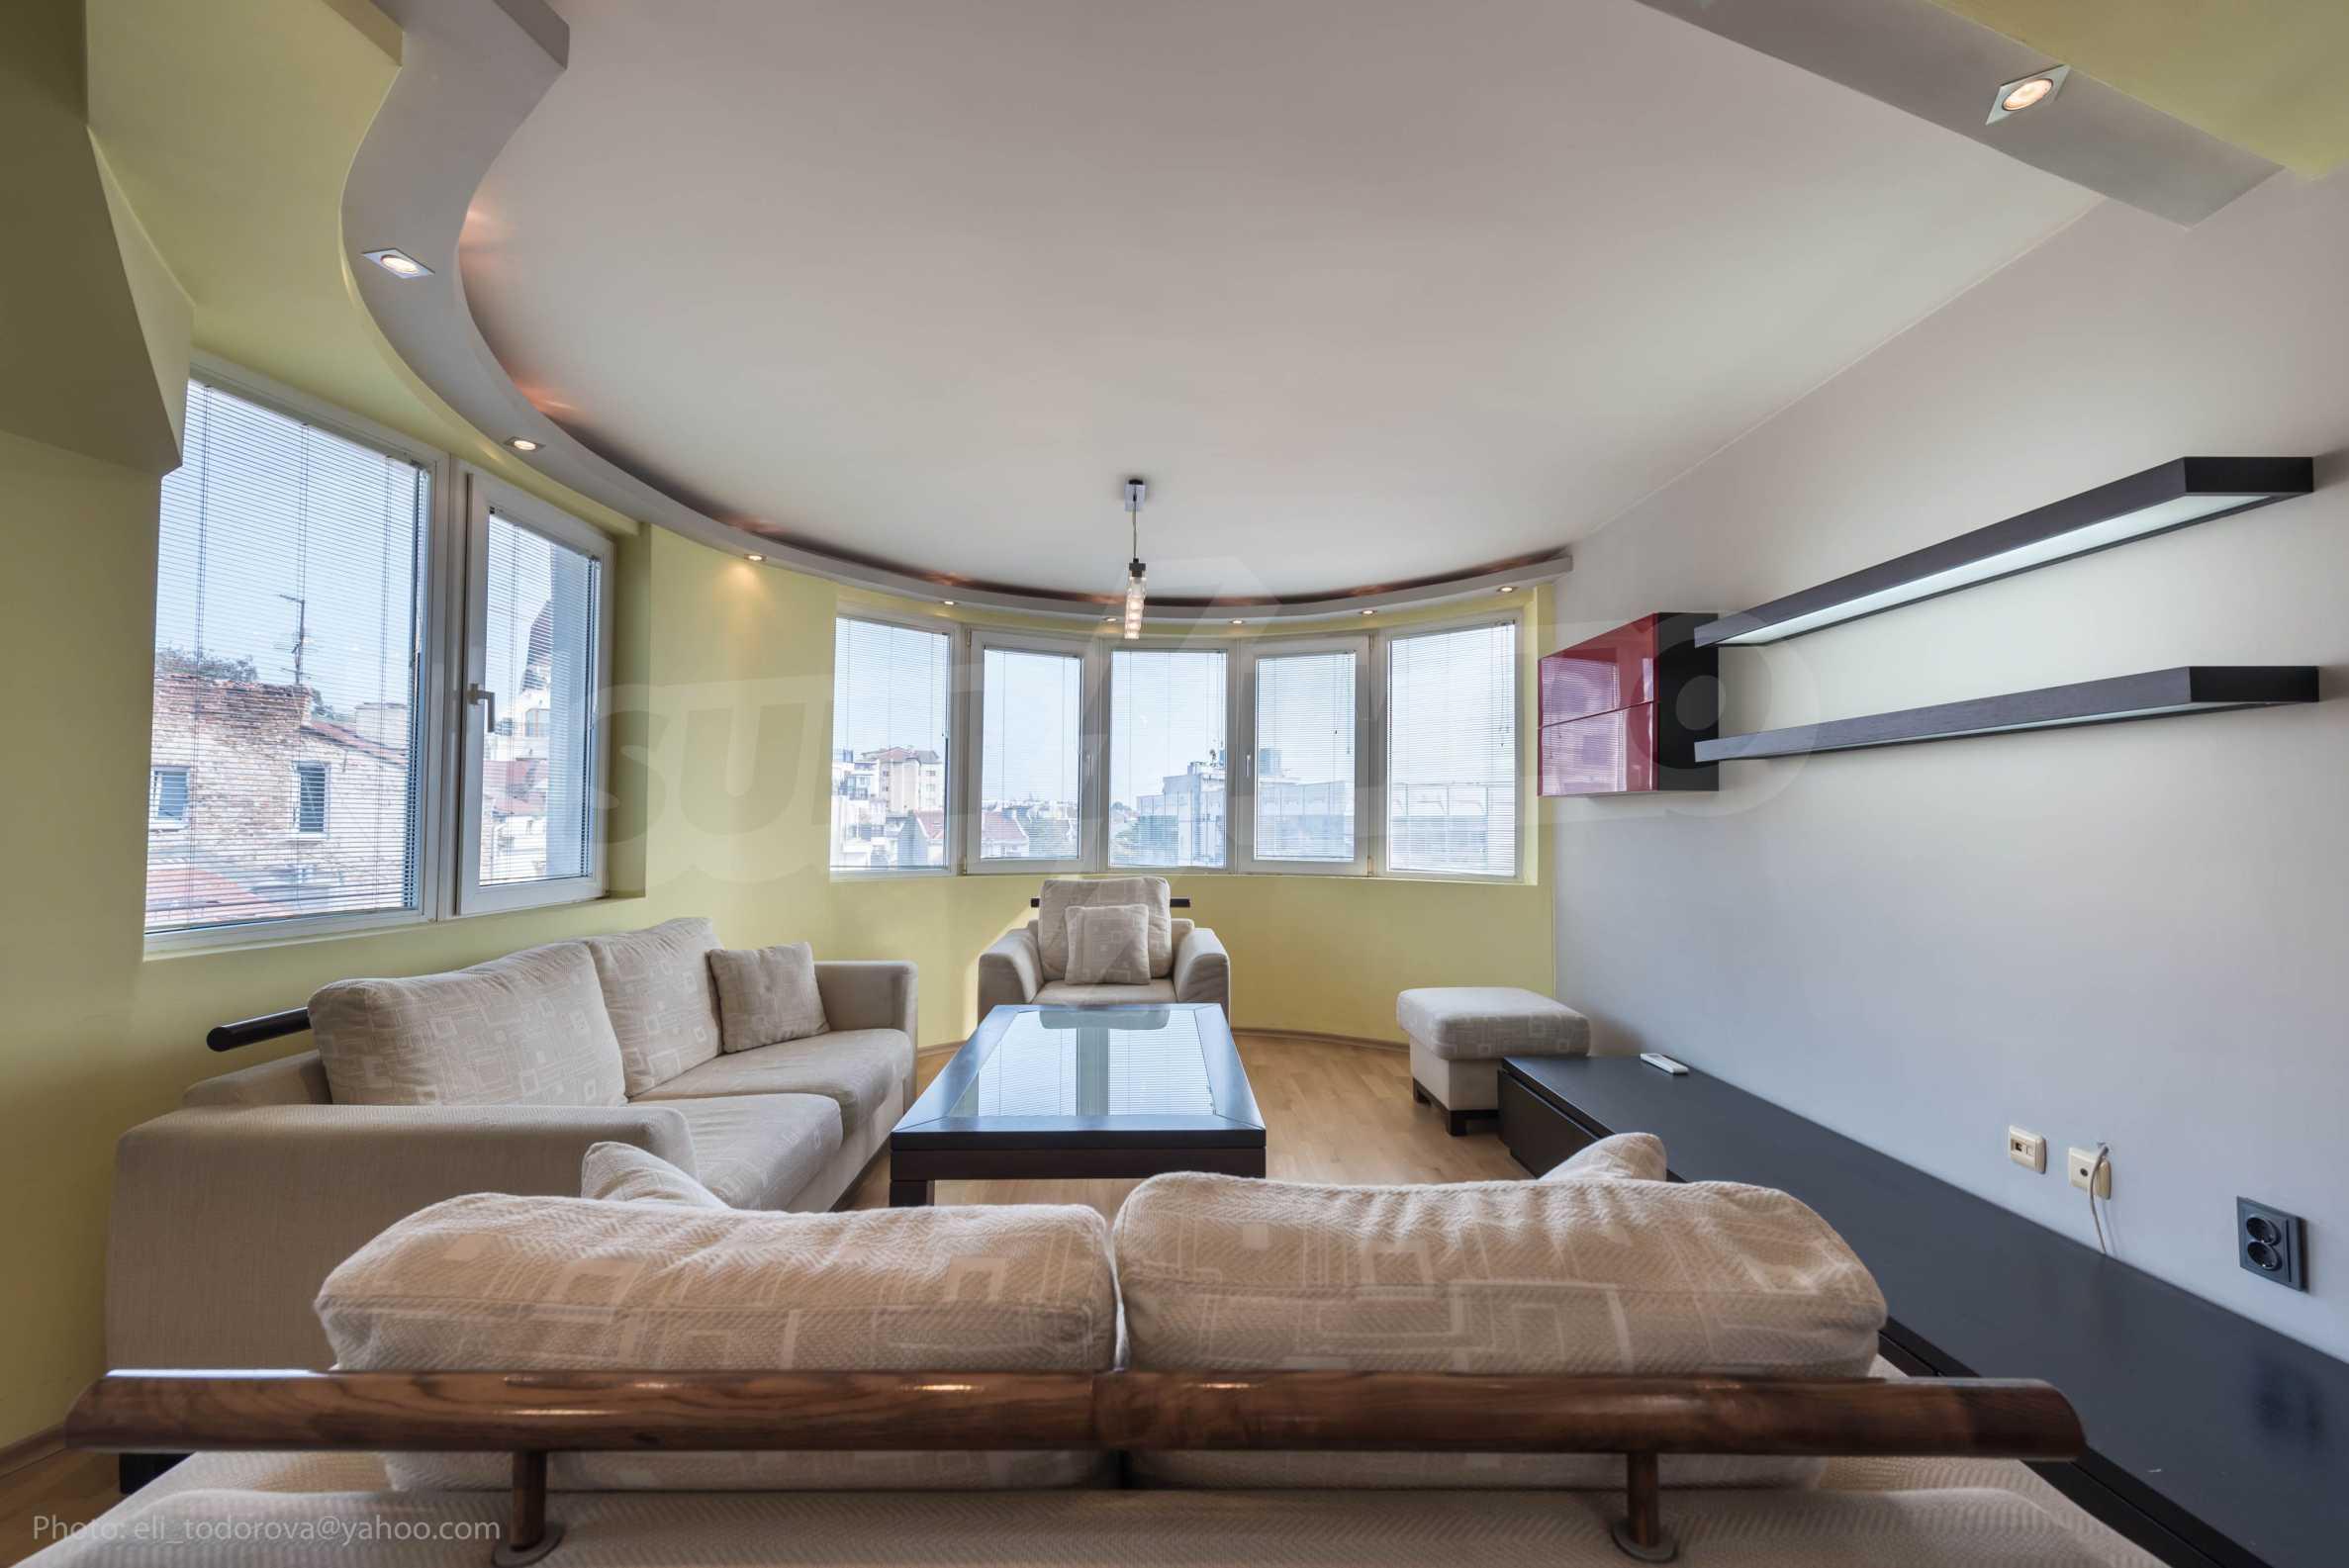 Квартира «Миша» - отличная трехкомнатная недвижимость в идеальном центре. 2